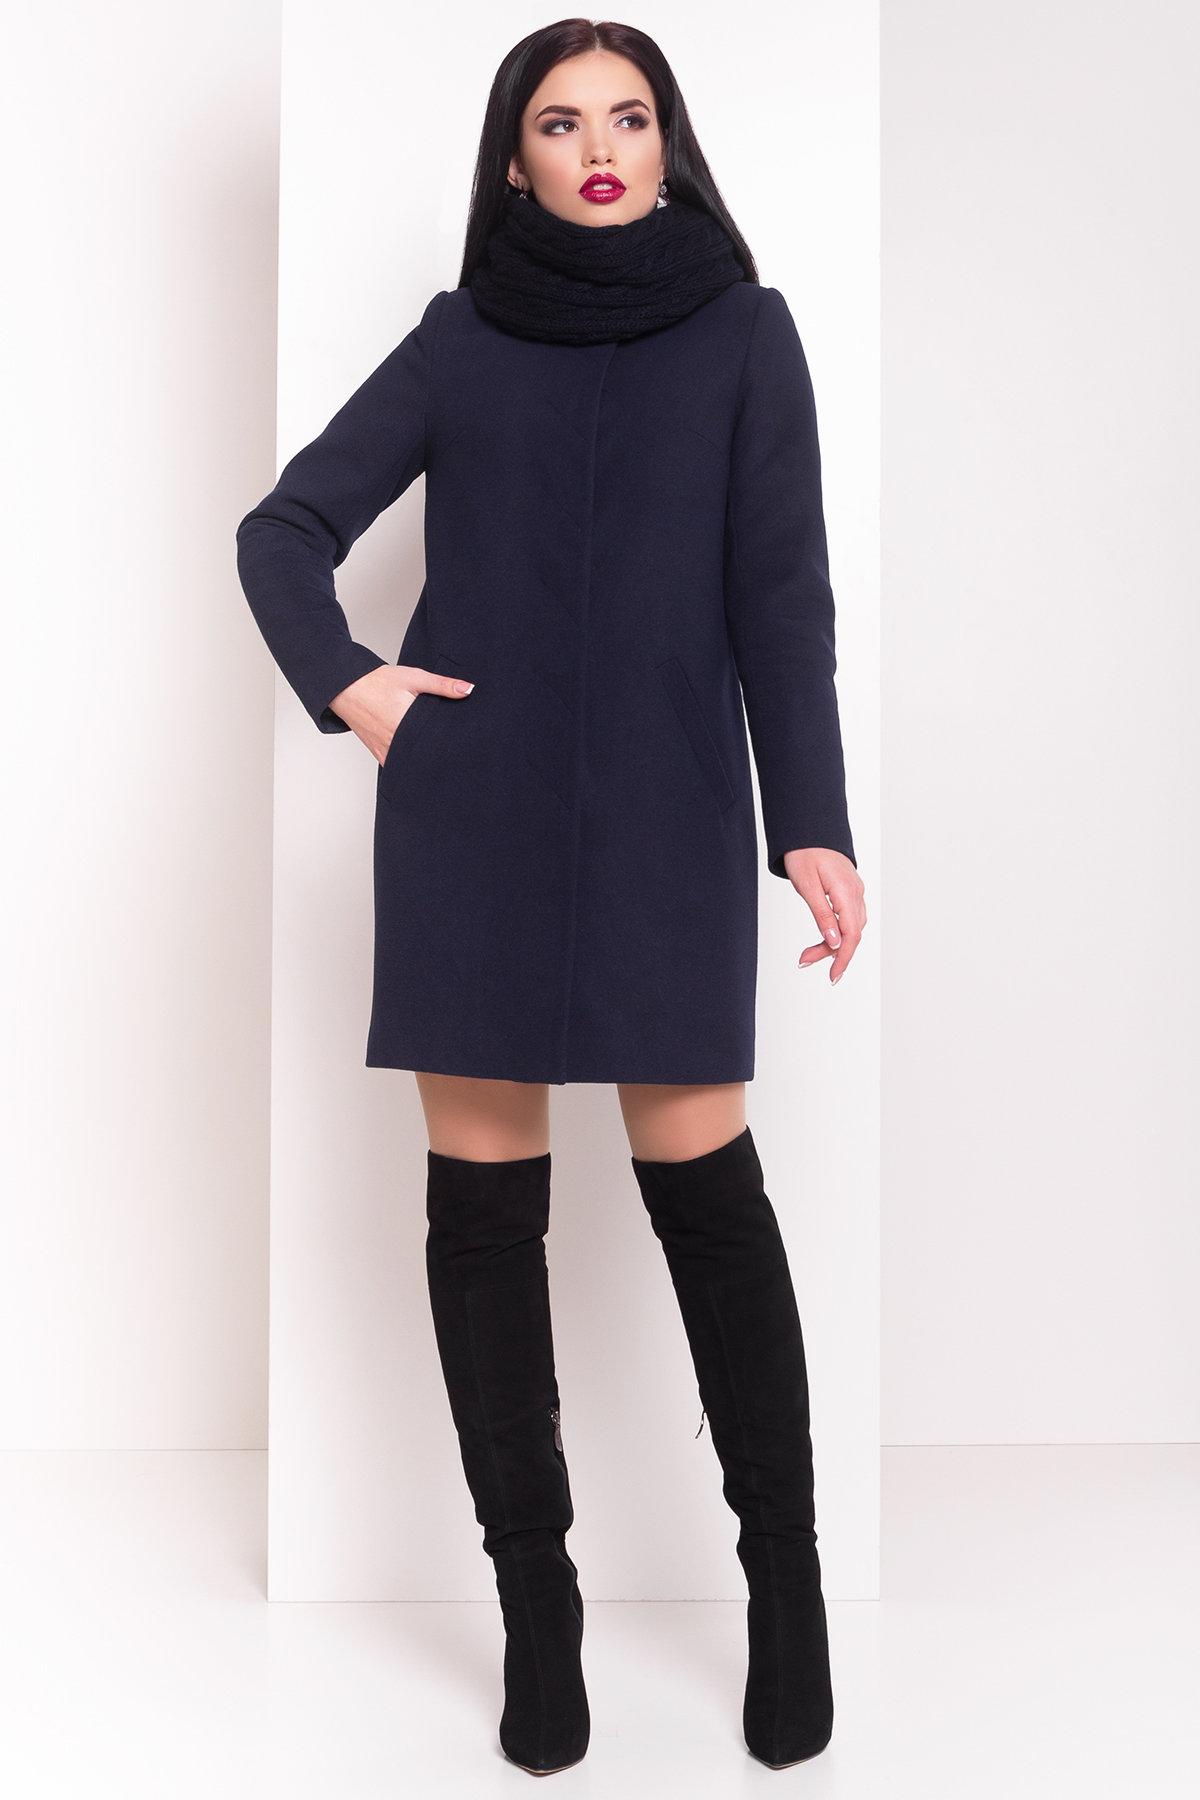 Купить оптом женское пальто недорого Пальто зима Фортуна 4581